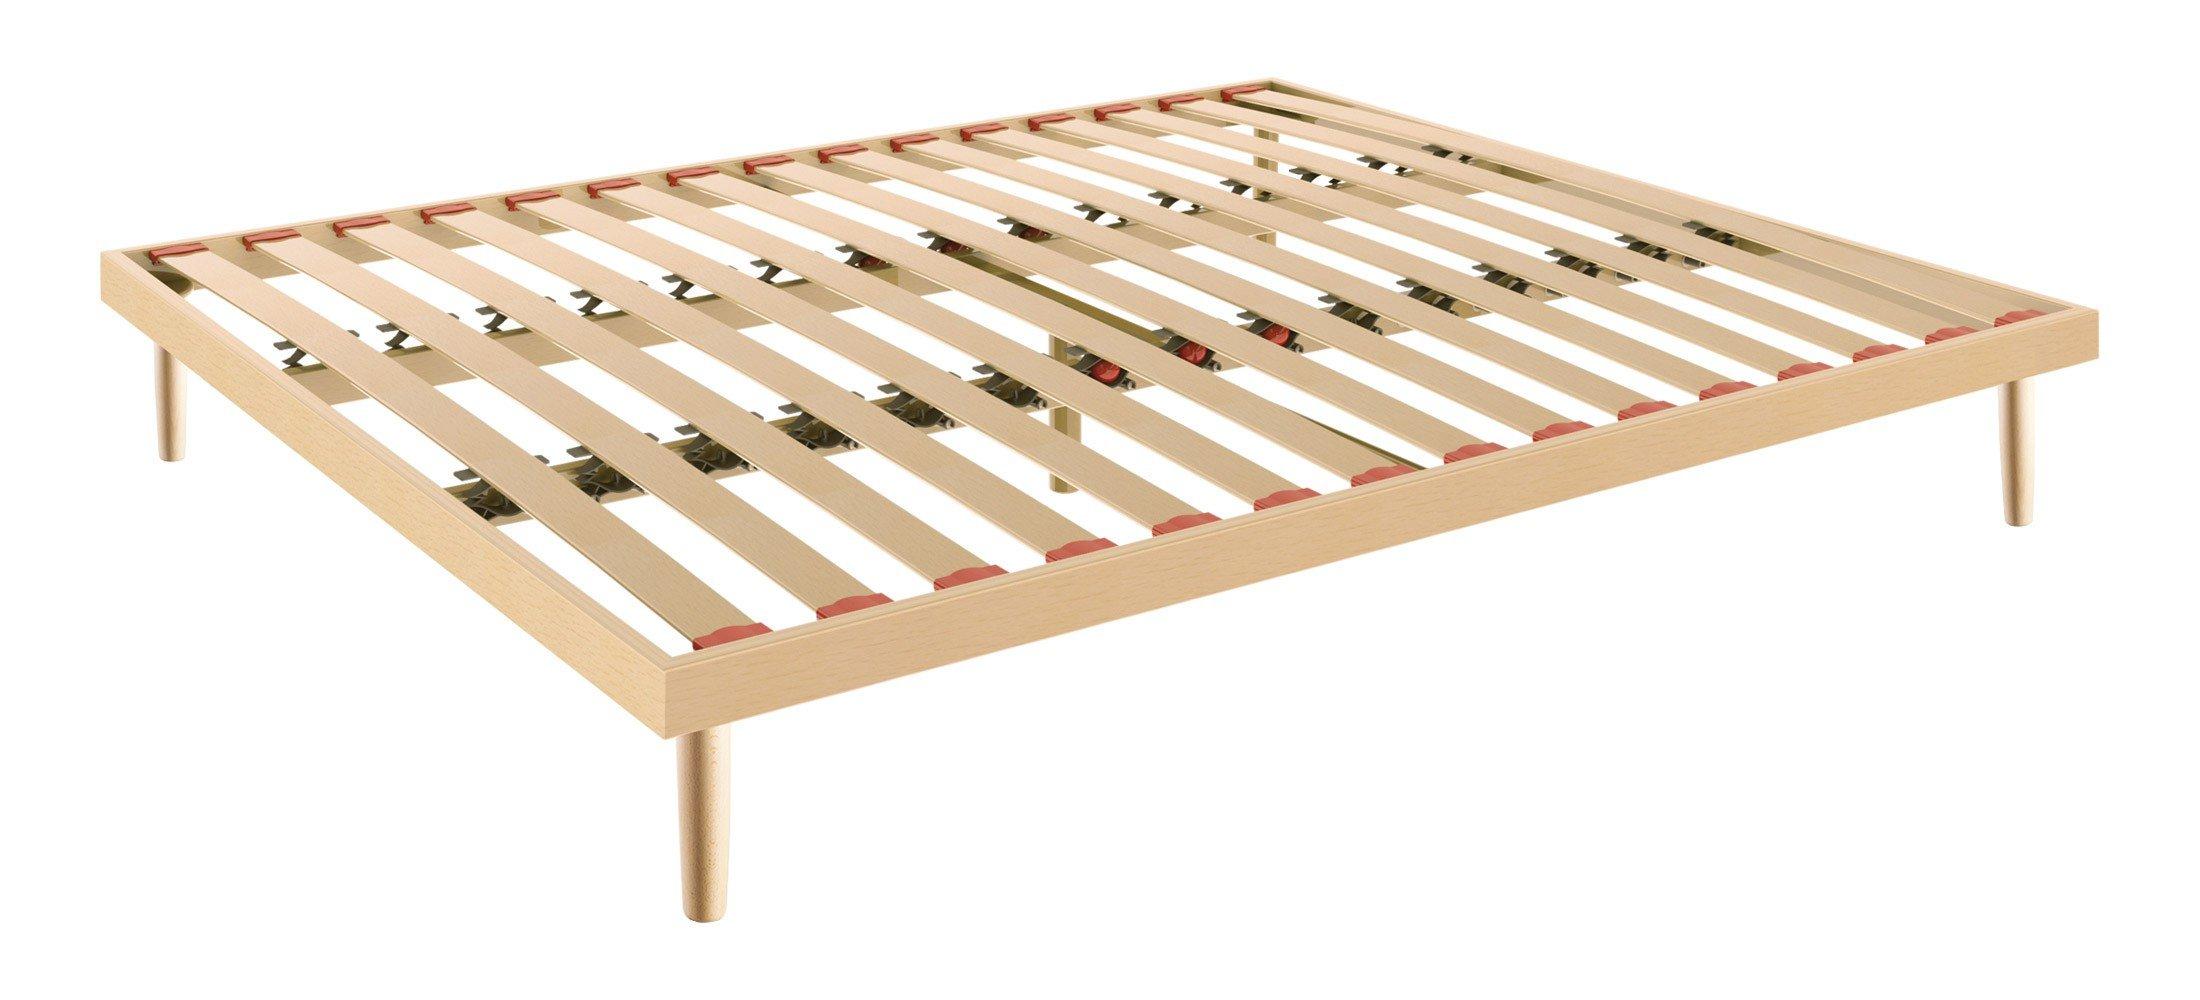 Doghe rialzabili con scompartimento letto inferiore